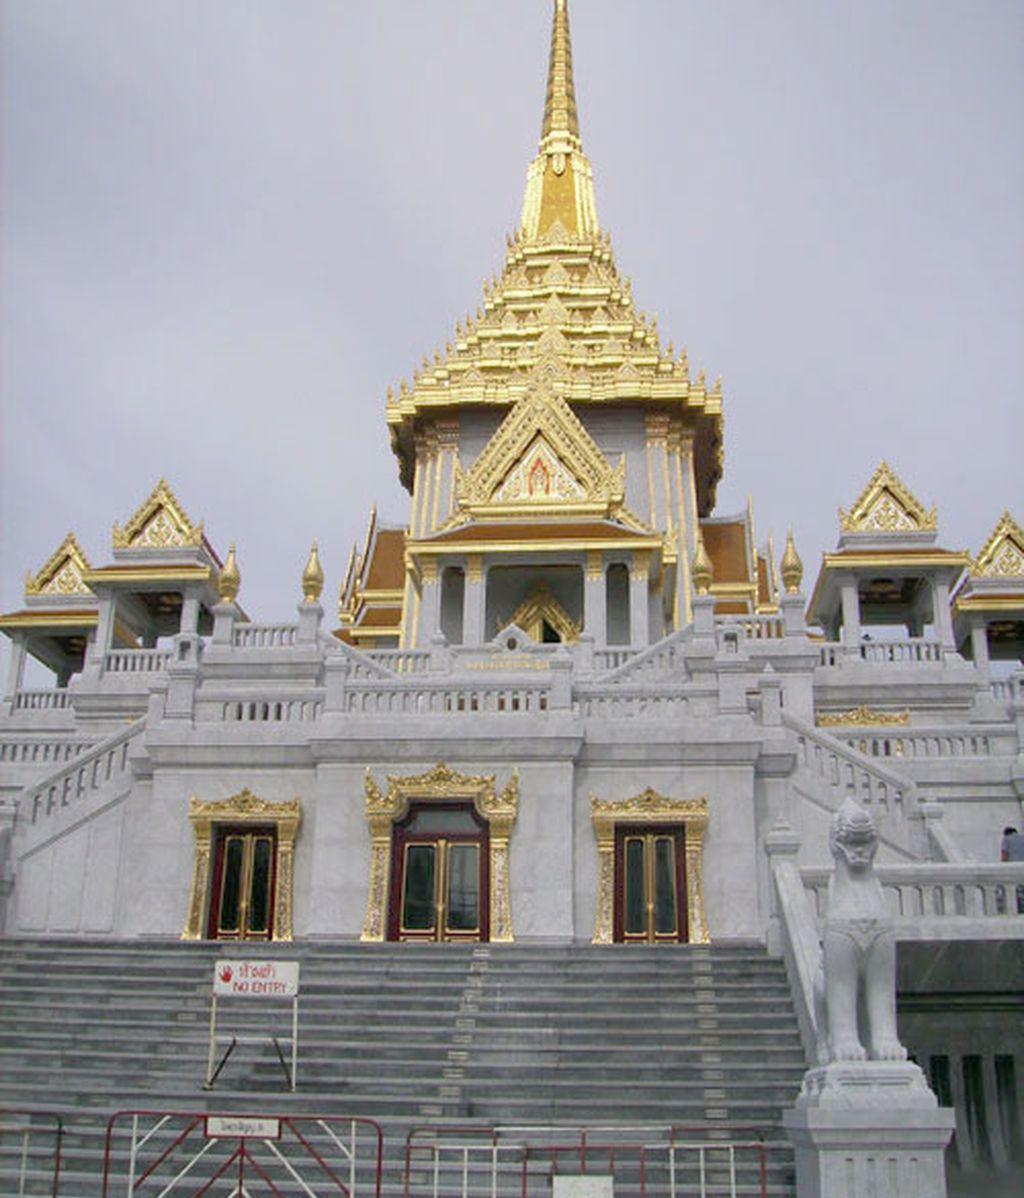 Imagen del templo Wat Traimit, que contiene al buda de oro. Foto: RSO.